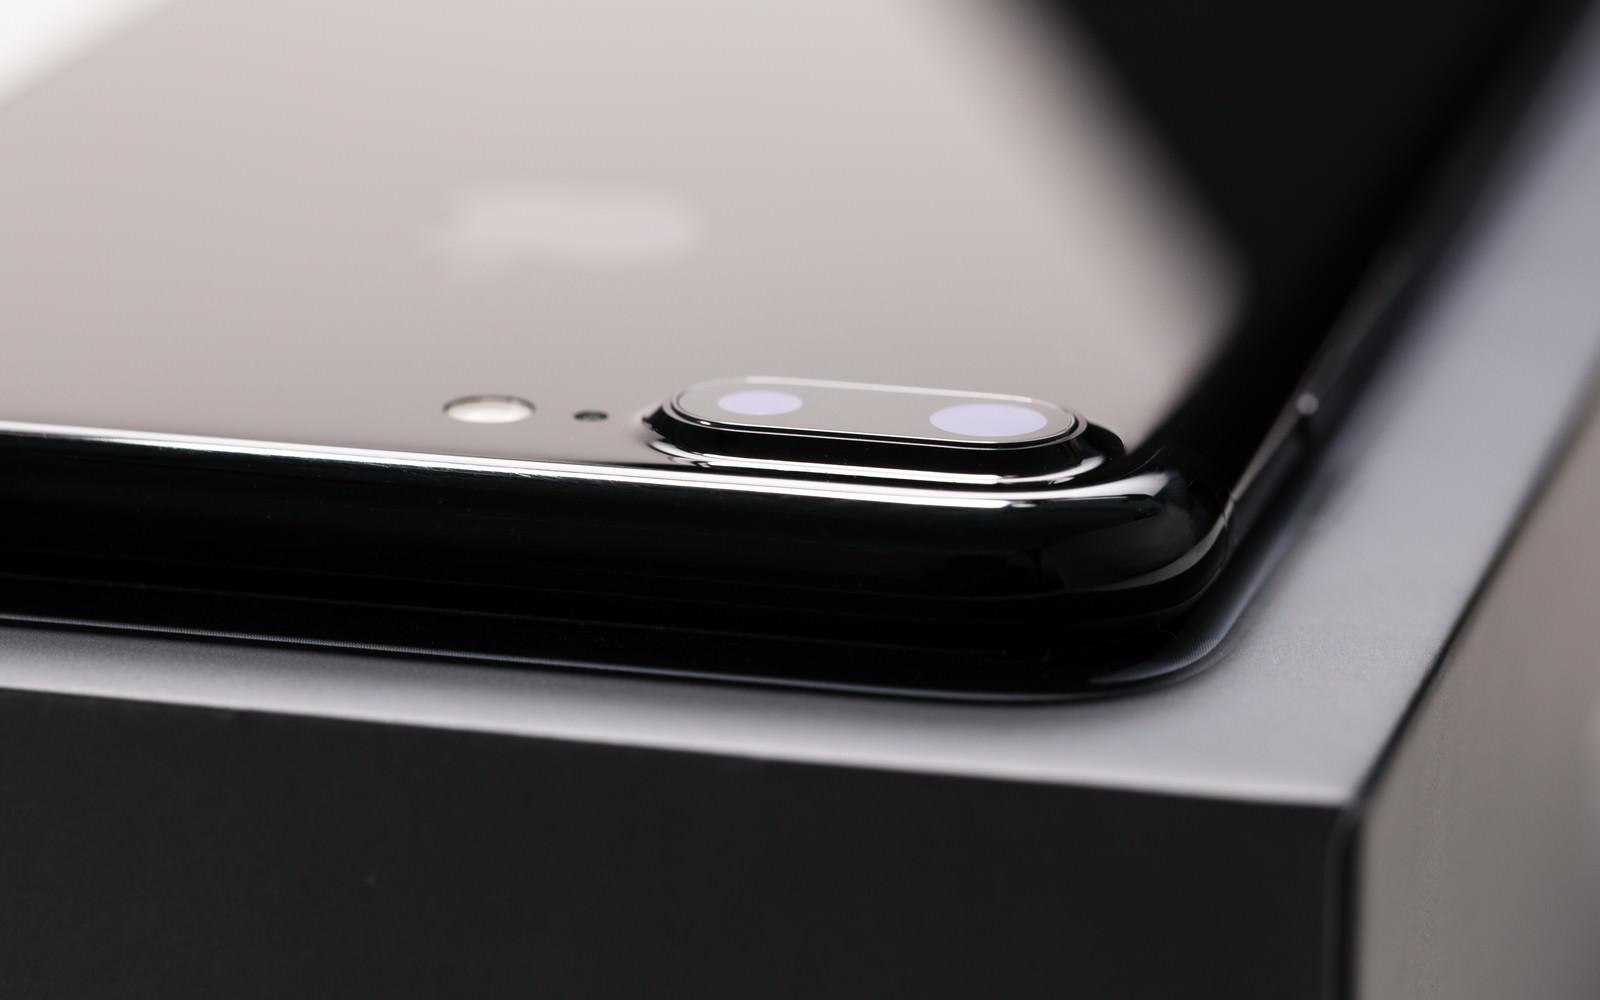 「デュアルレンズが搭載した薄型スマートフォンデュアルレンズが搭載した薄型スマートフォン」のフリー写真素材を拡大